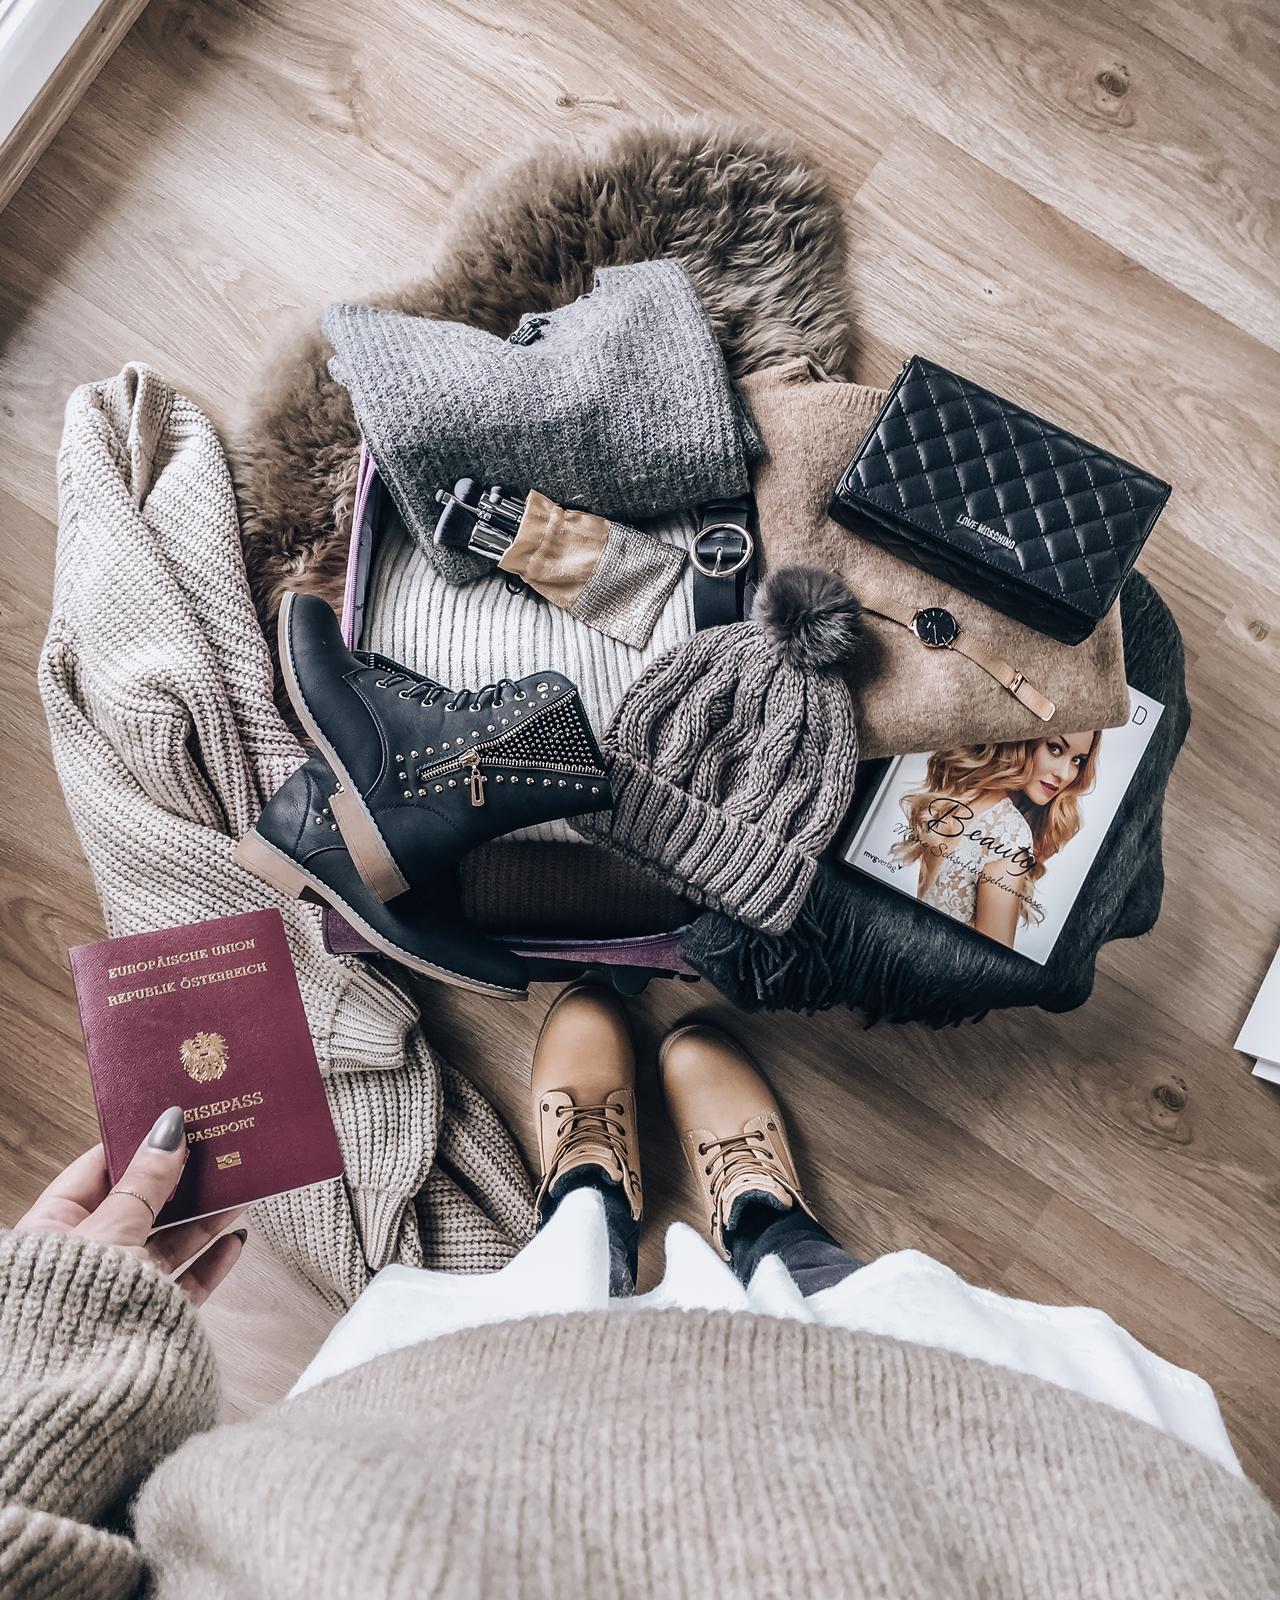 15 geniale Life-Hacks für deine Reise - die besten Reisetipps - Tipps und Tricks beim Kofferpacken und im Urlaub - Hacks für den Strand - Fashionladyloves by Tamara Wagner - Travelblogger